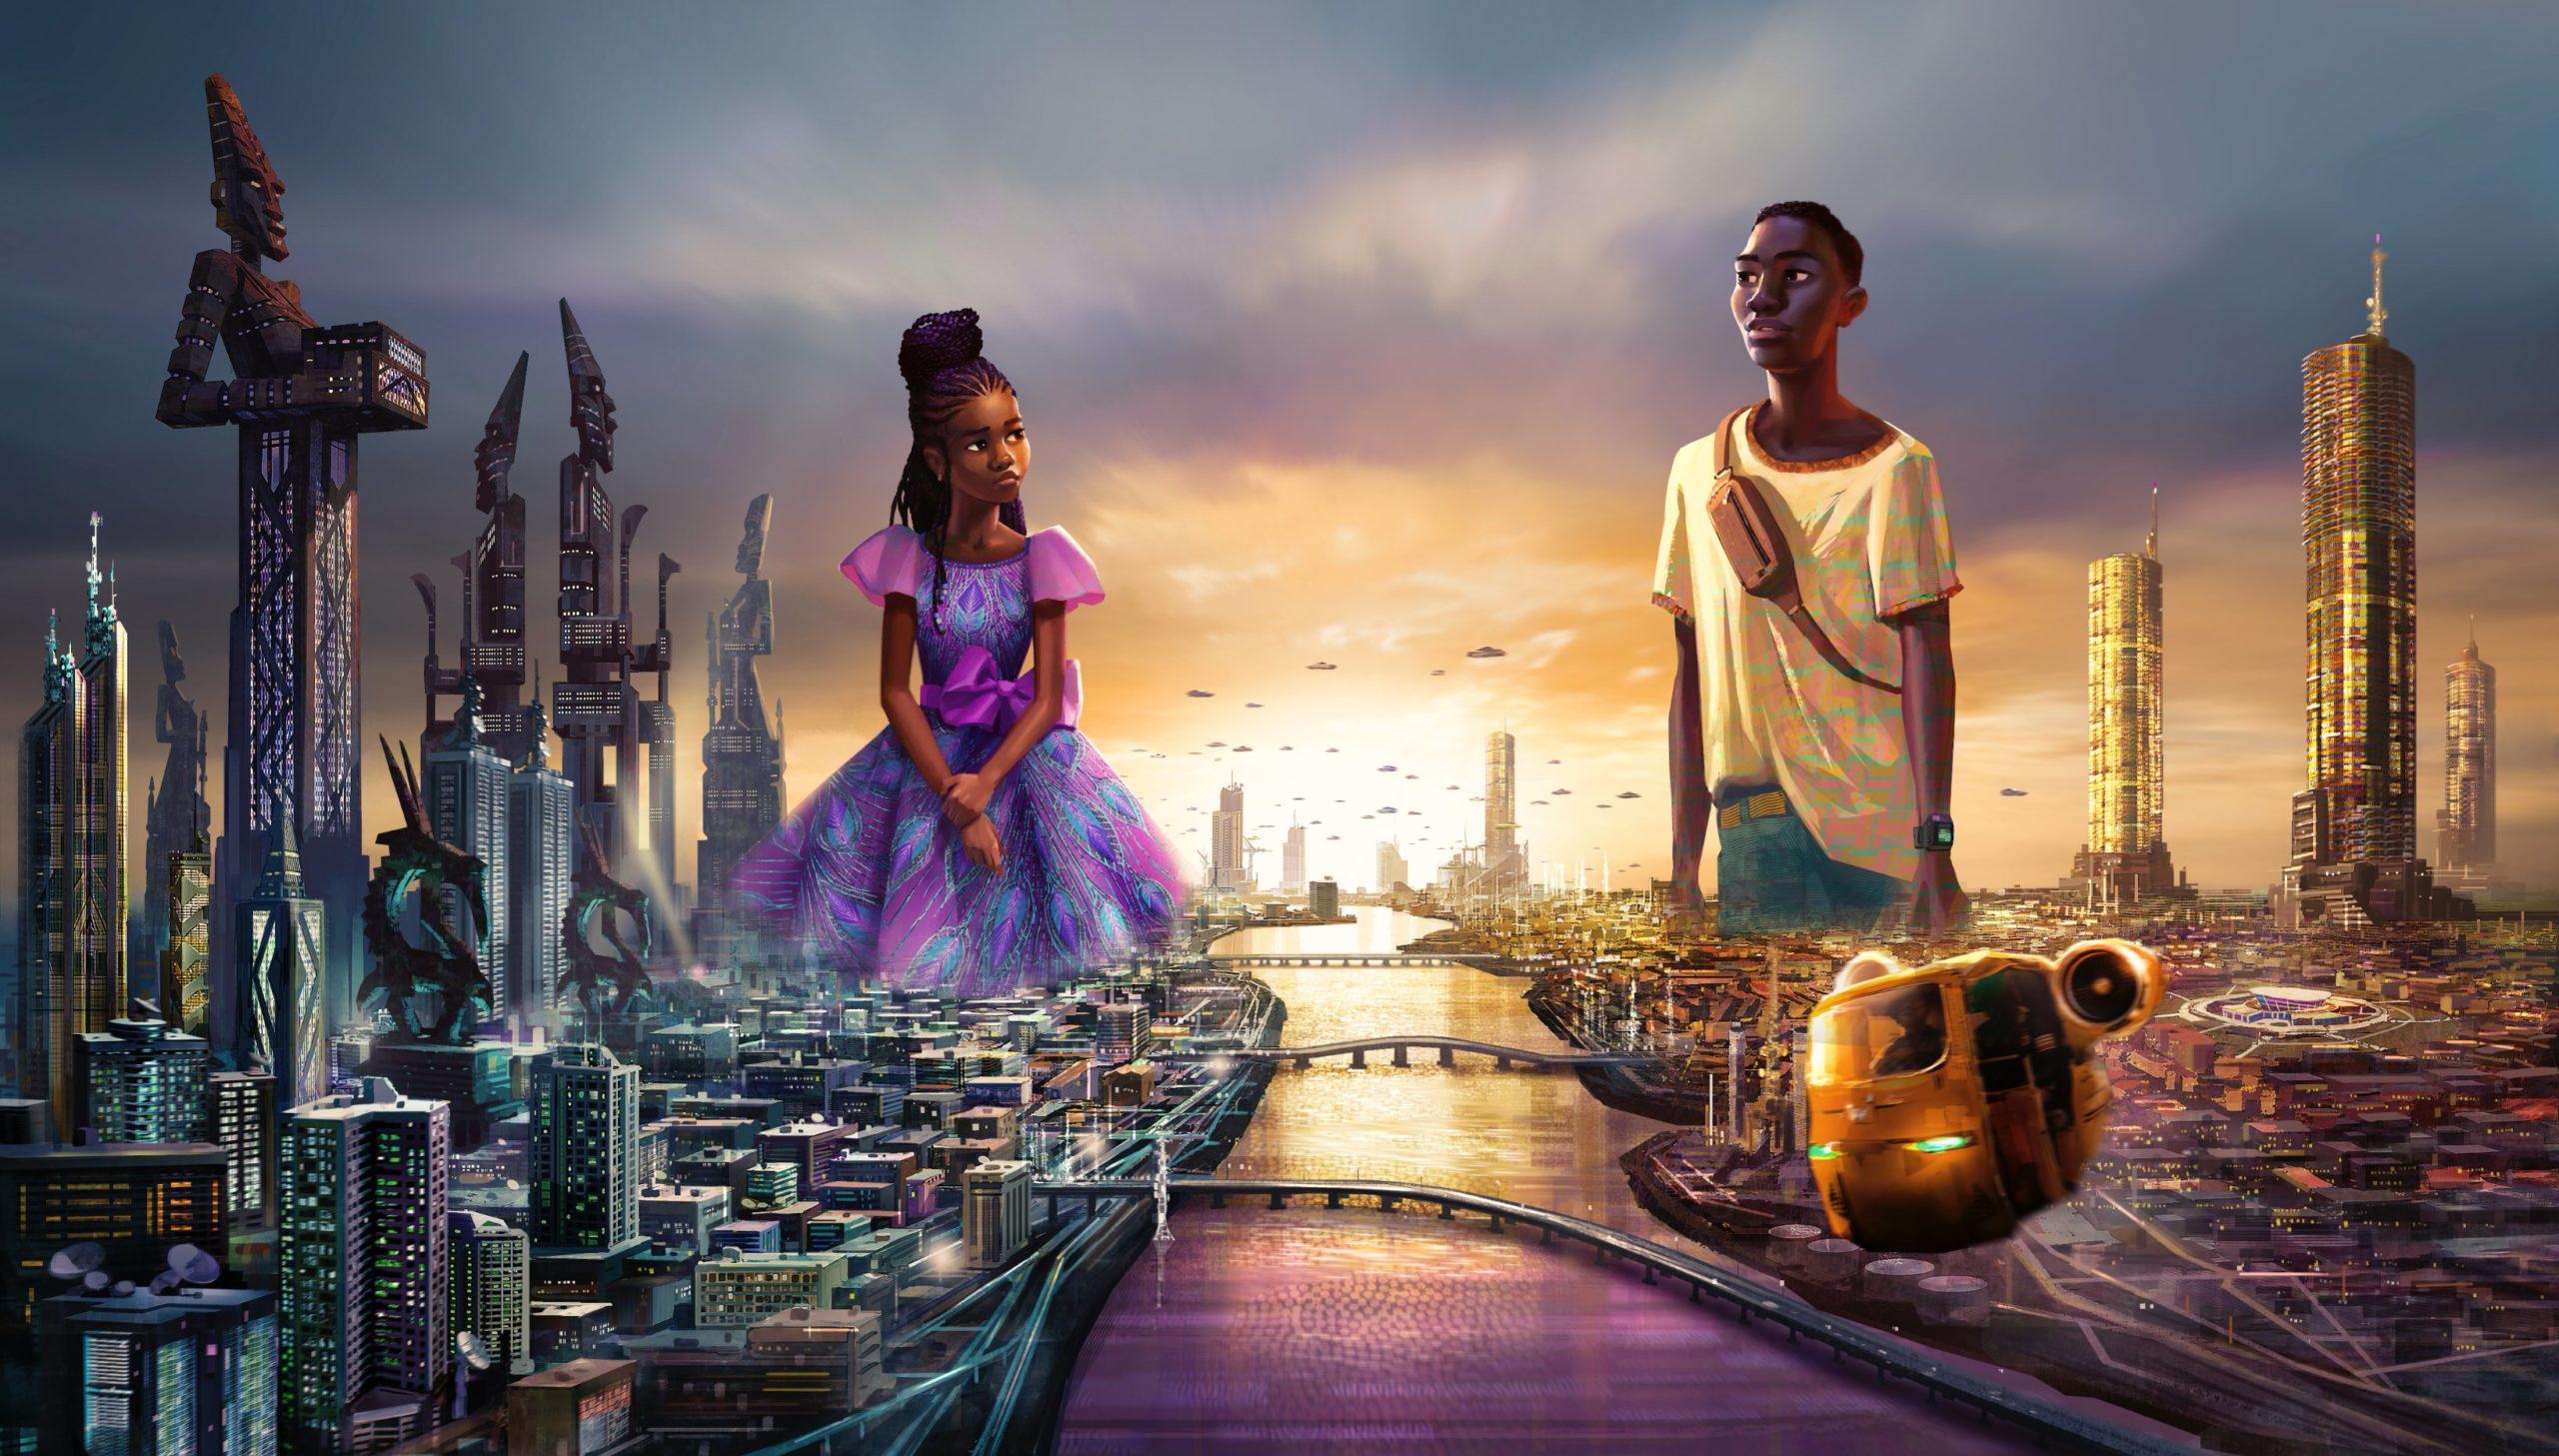 DISNEY s'associe à KUGALI, un studio panafricain pour produire une série de science-fiction.